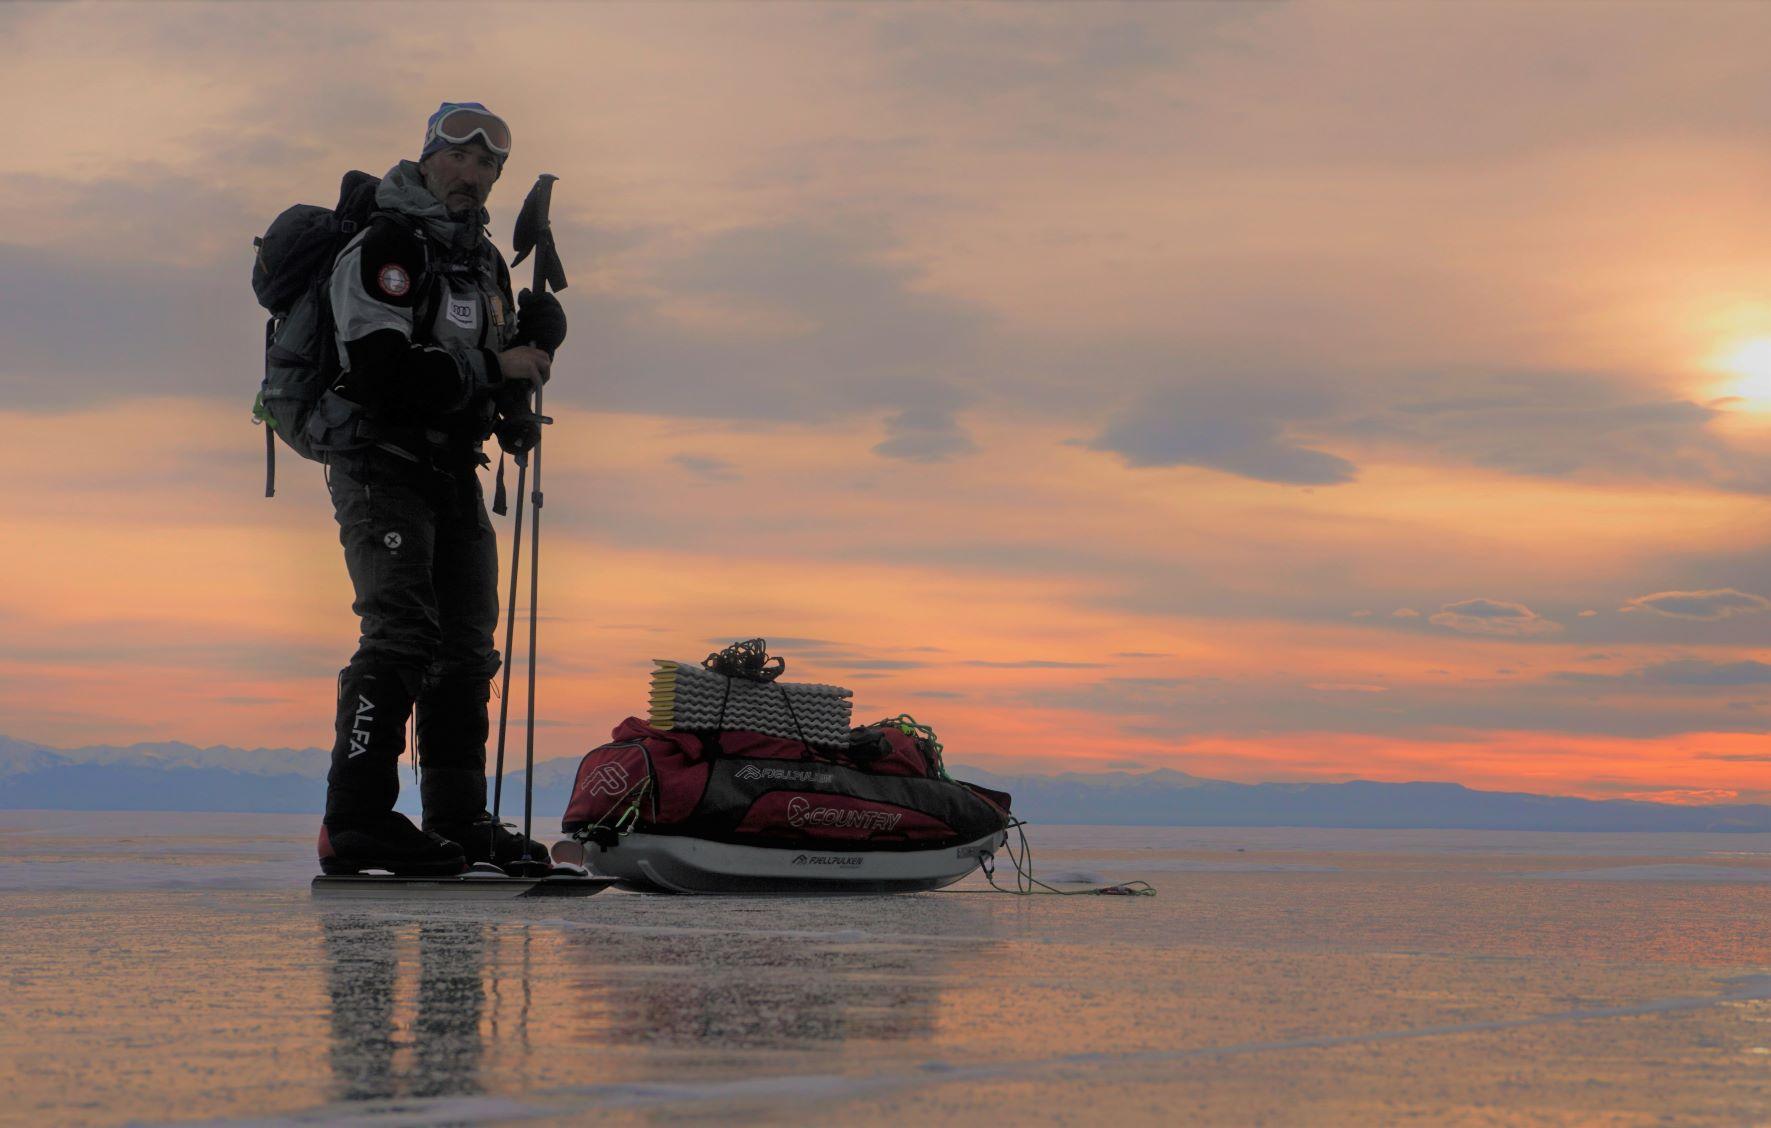 lago Baikal en solitario 480 kilómetros